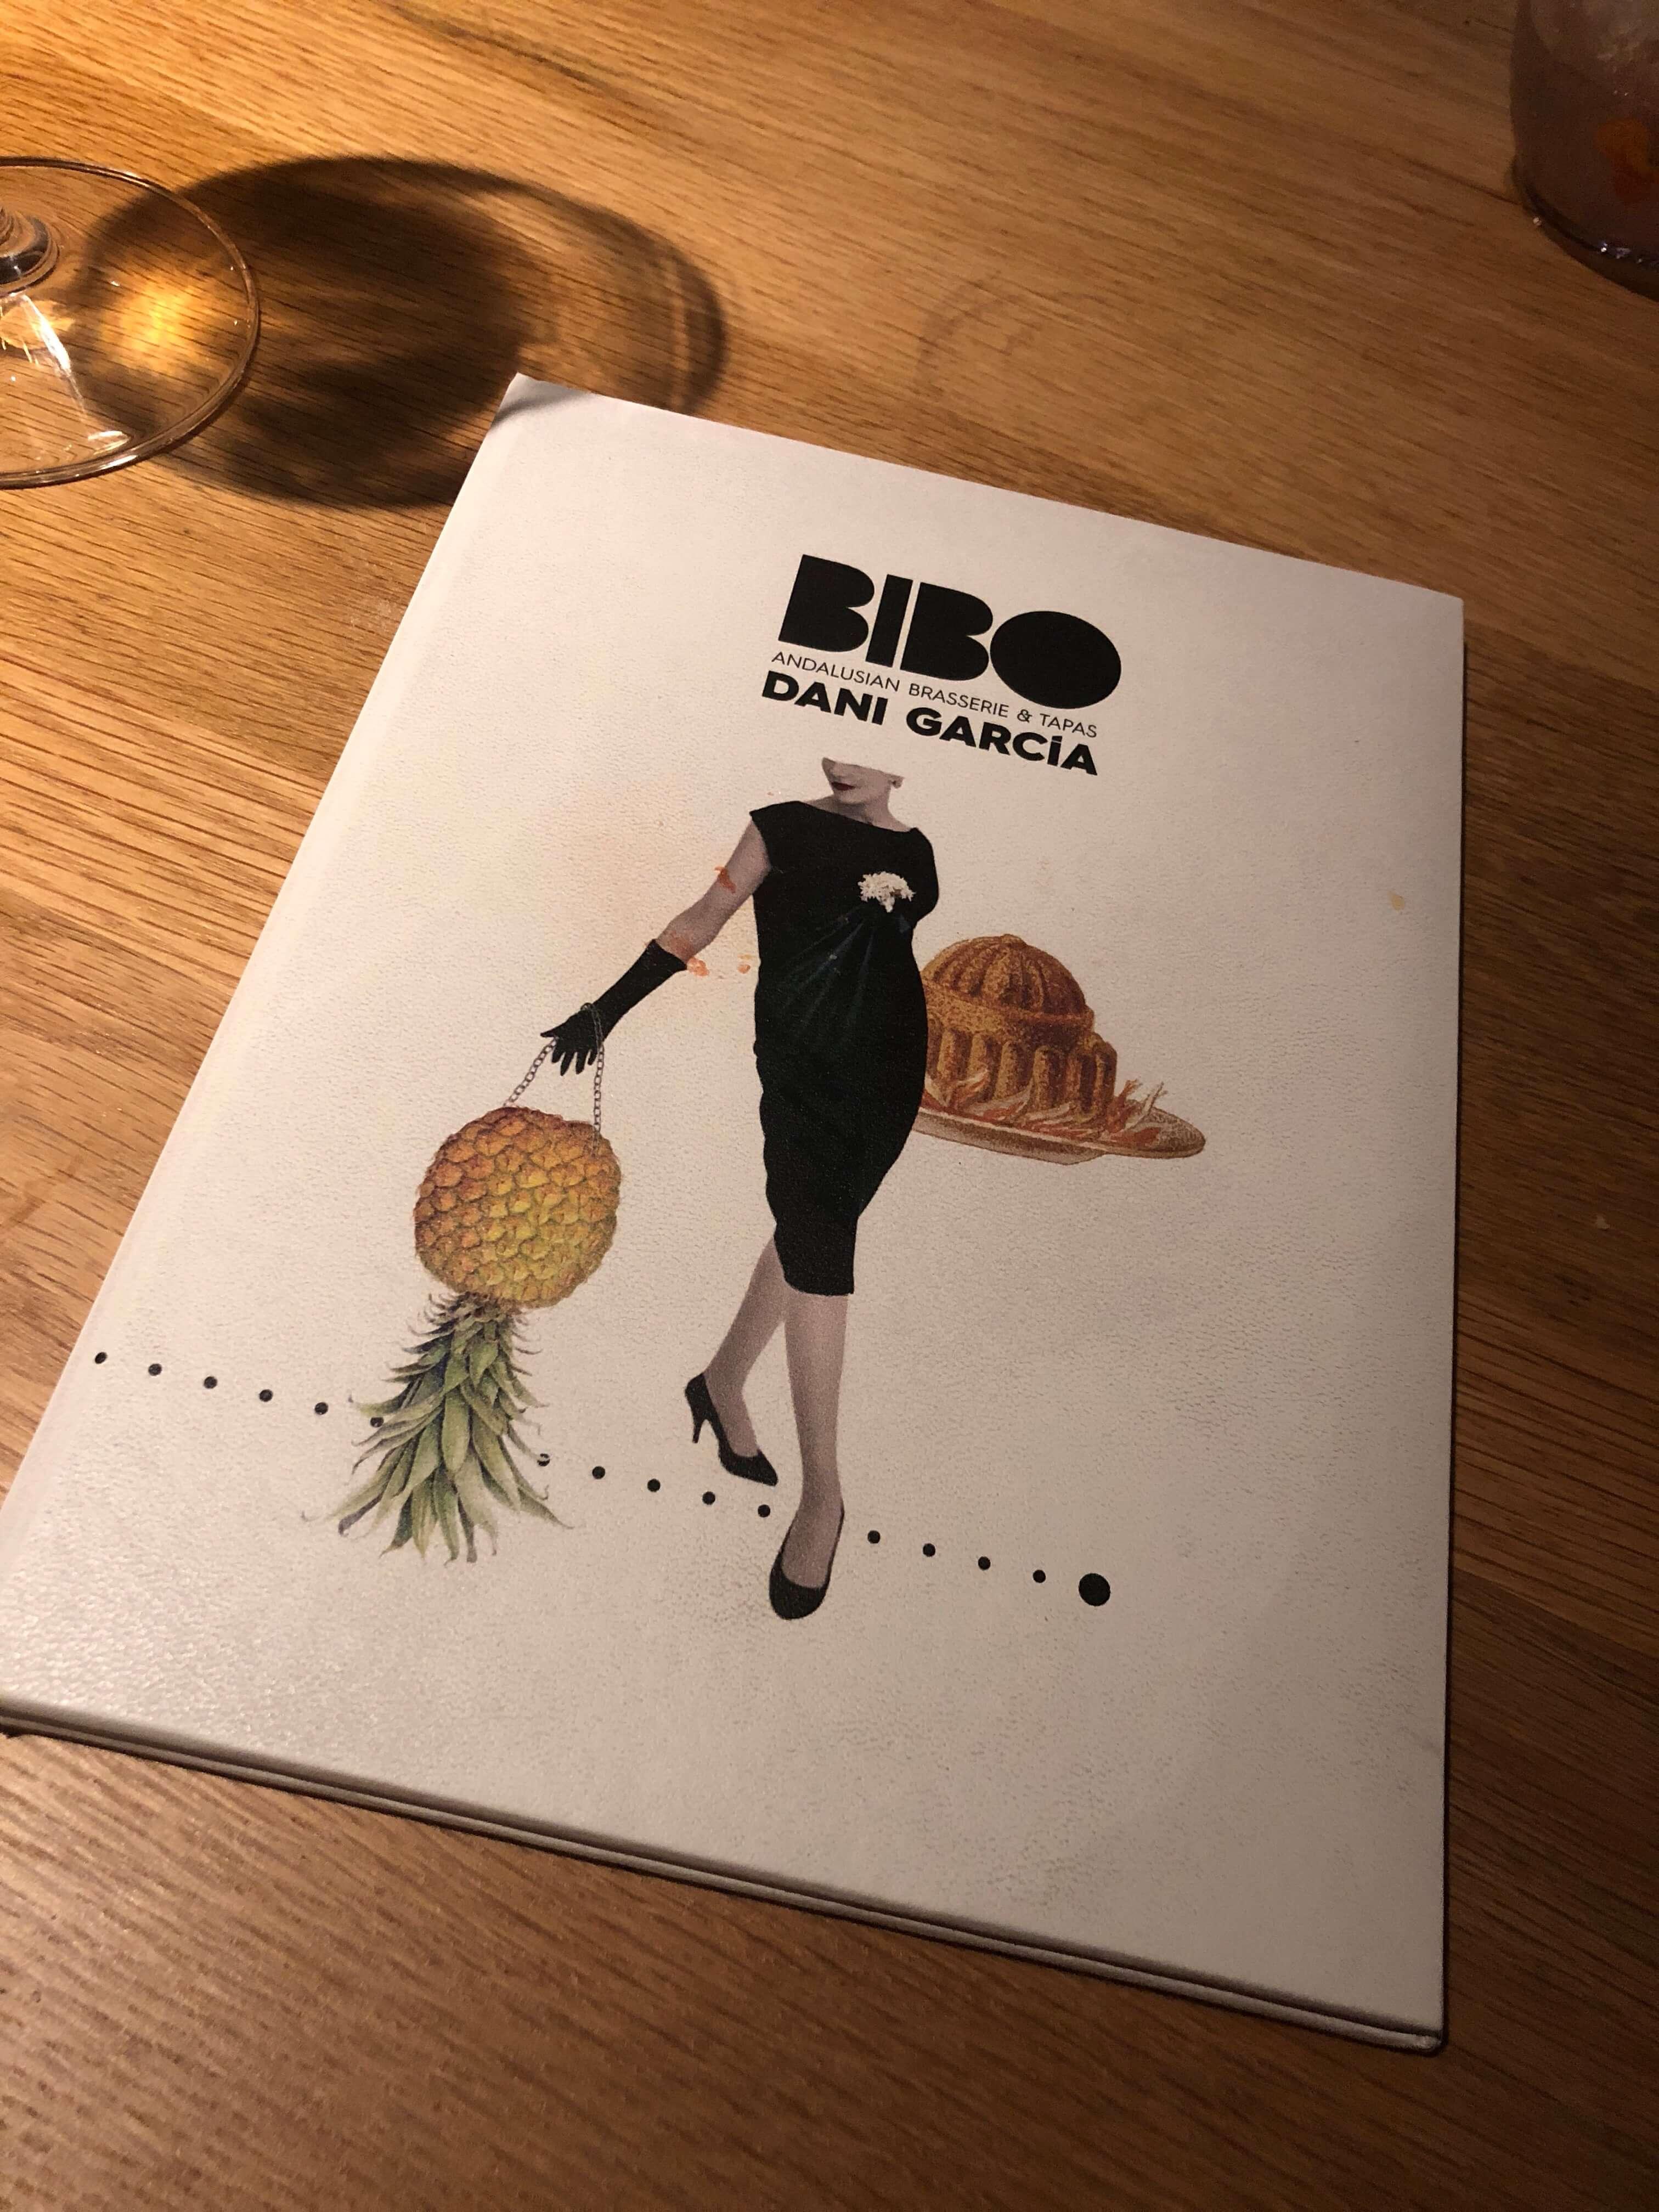 Grym middag på Bibo med bästa gänget!